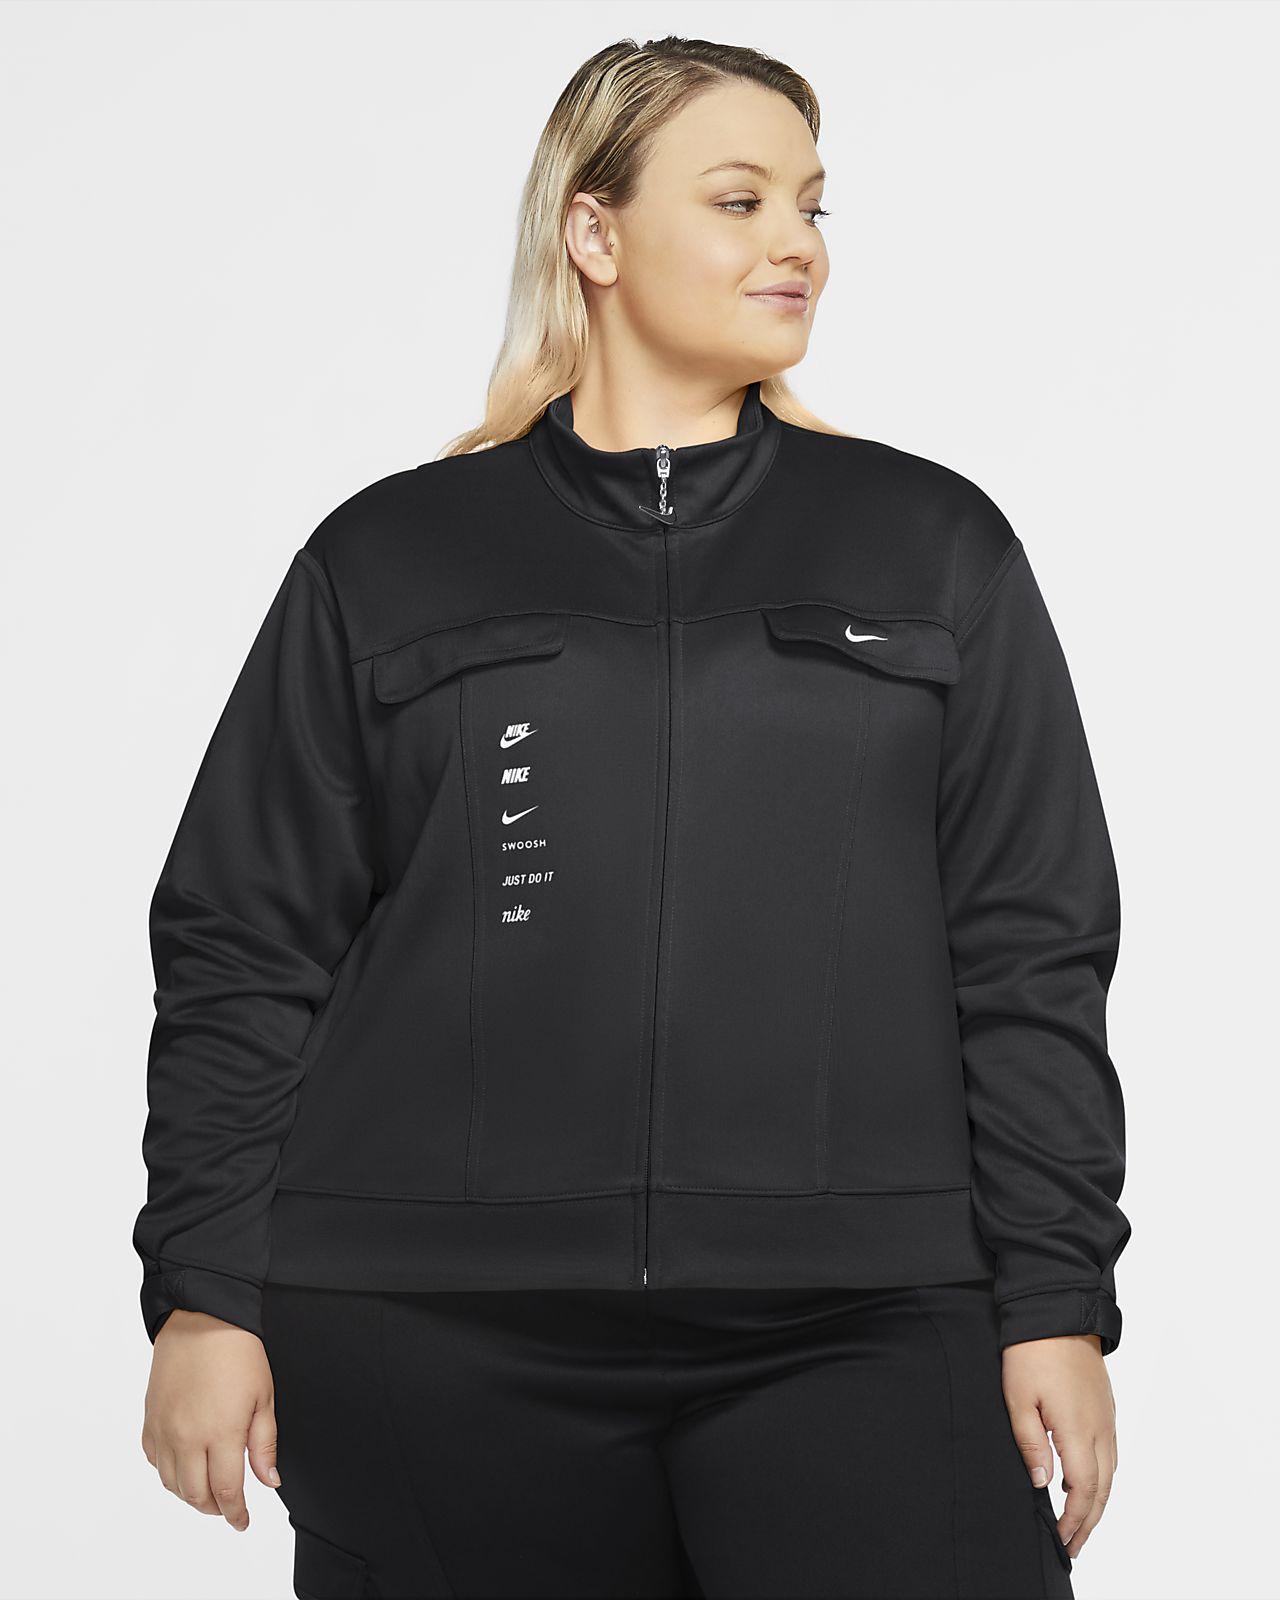 Γυναικείο τζάκετ από ύφασμα PolyKnit Nike Sportswear Swoosh (μεγάλα μεγέθη)